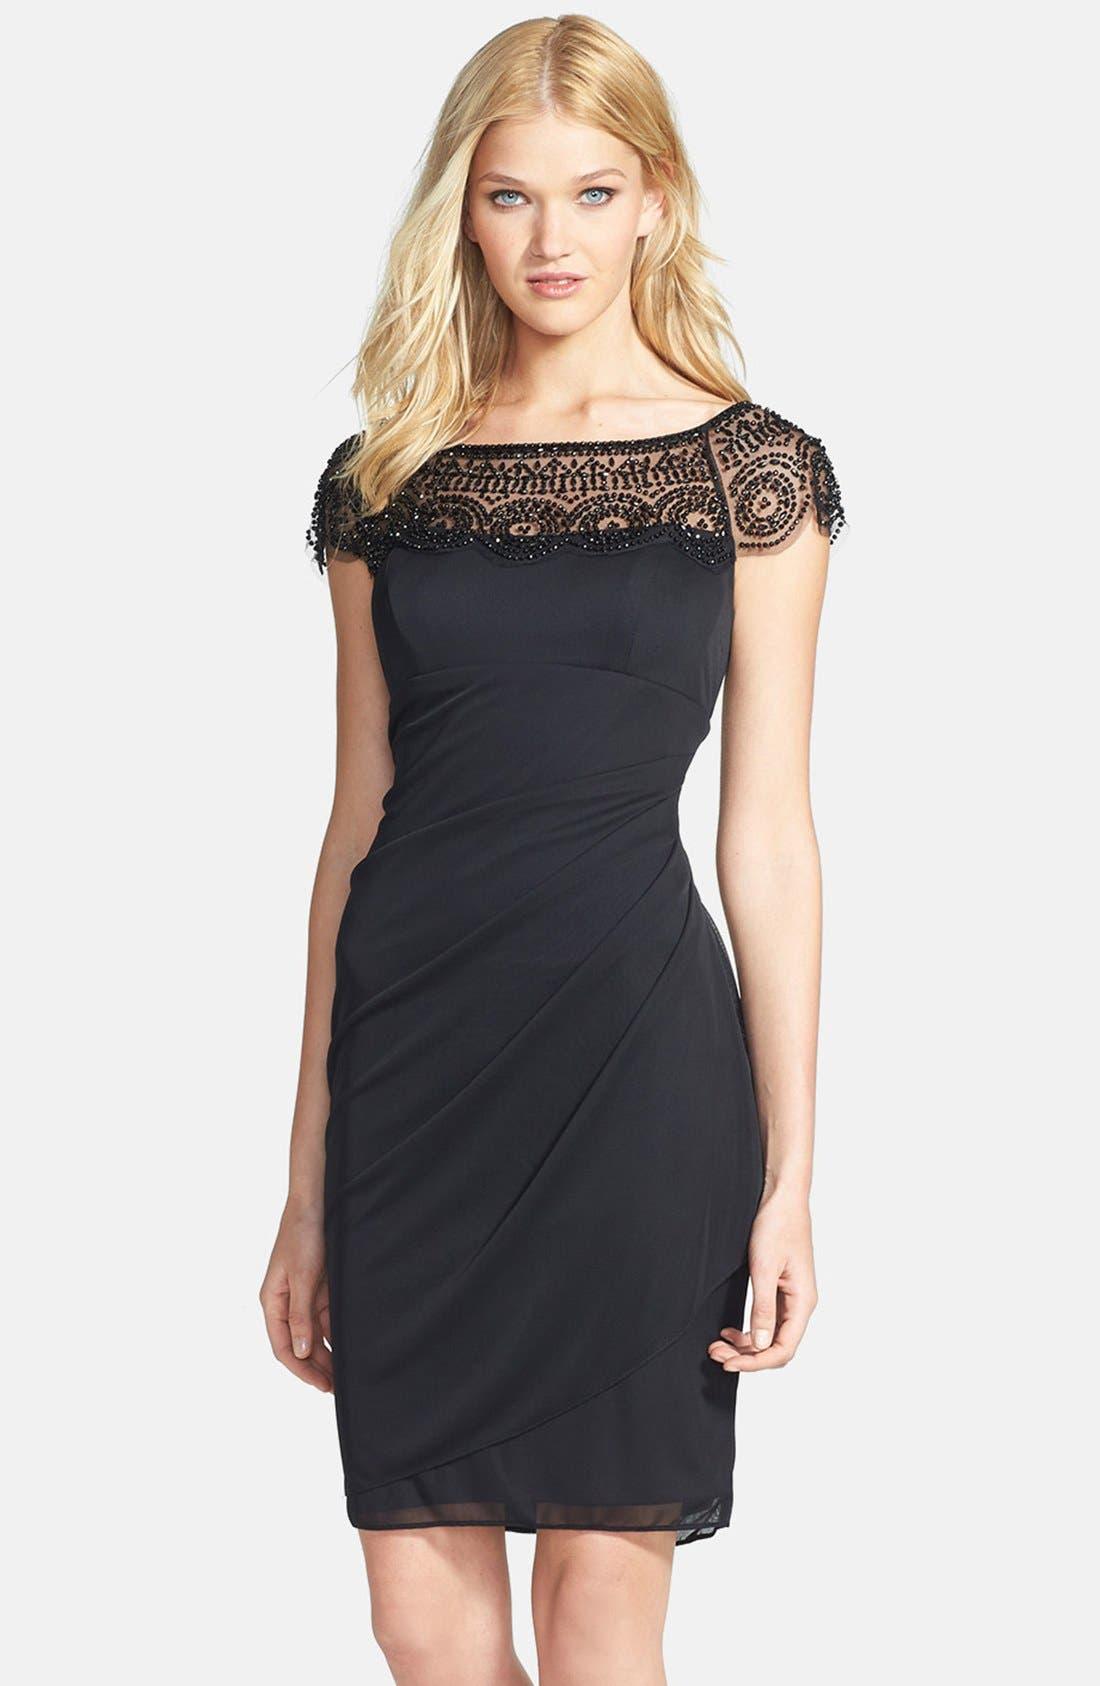 Alternate Image 1 Selected - Xscape Embellished Ruched  Sheath Dress